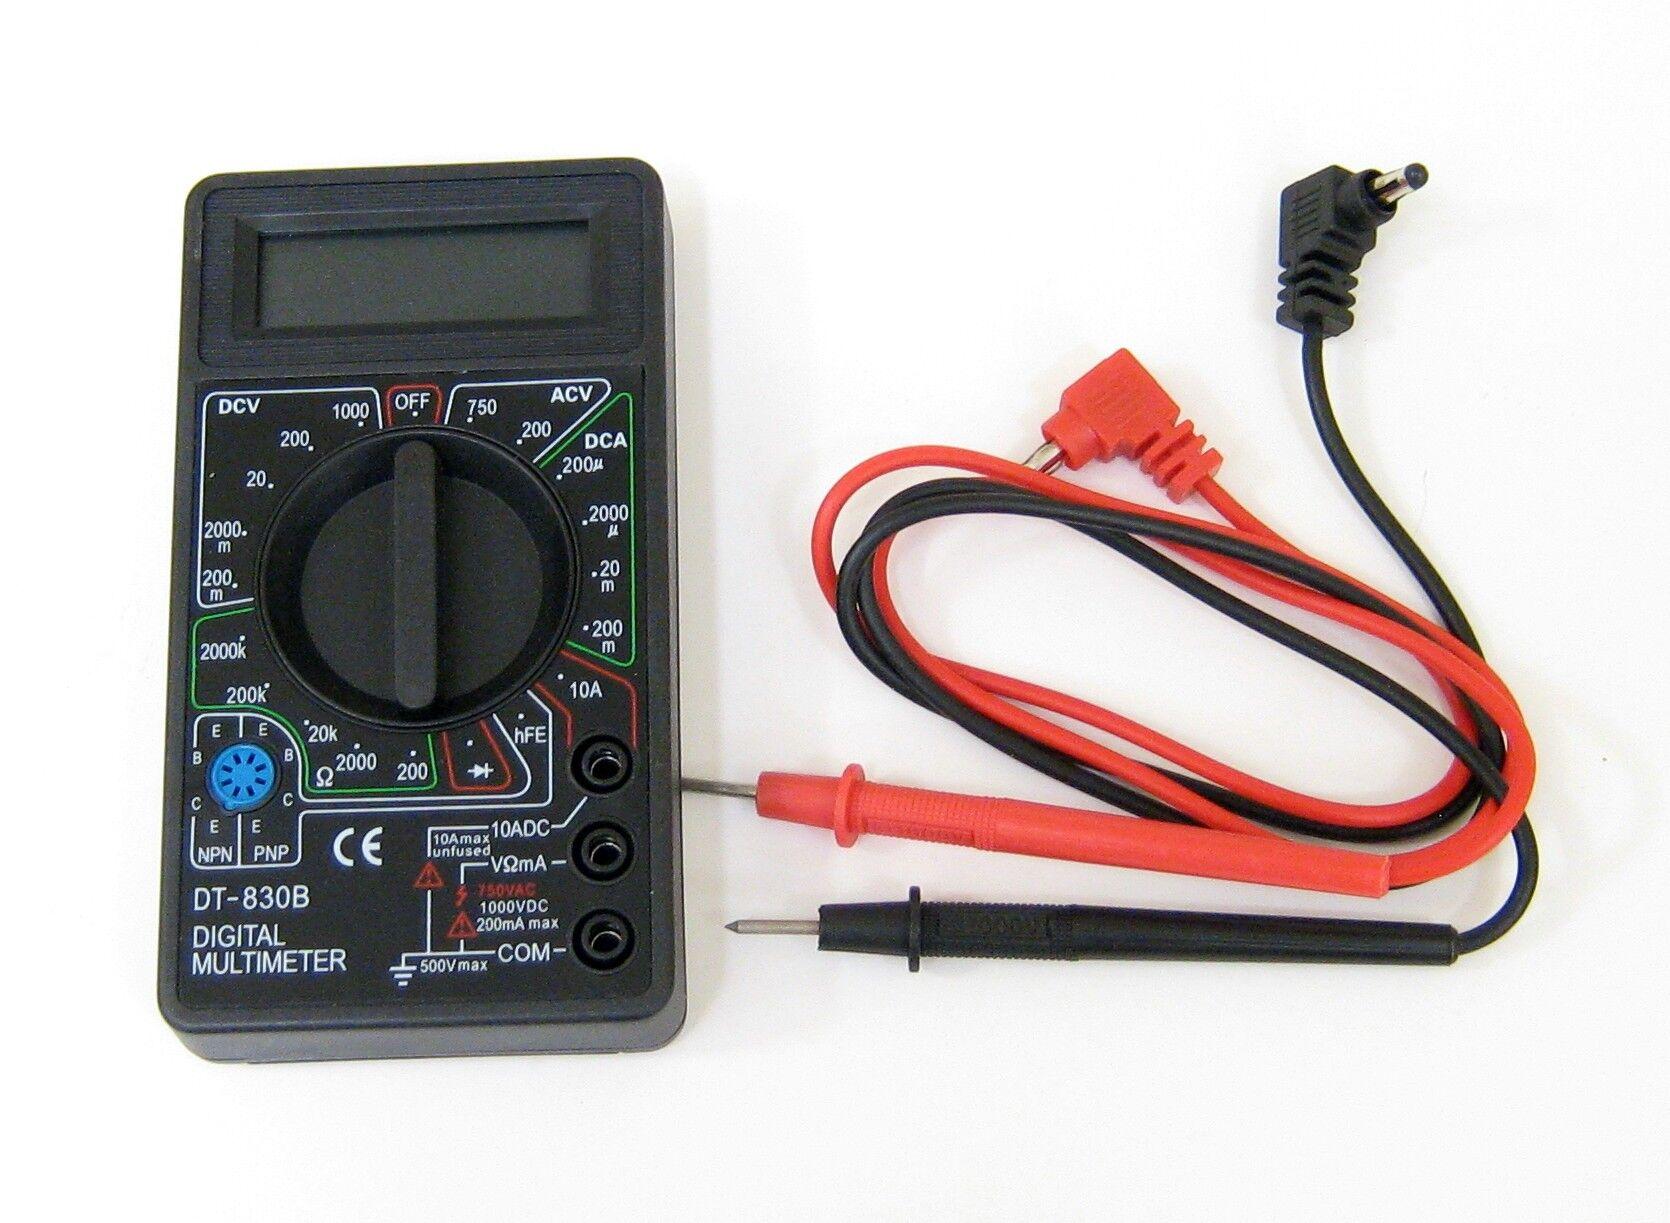 Générique Multimètre digital de poche - DT-830B